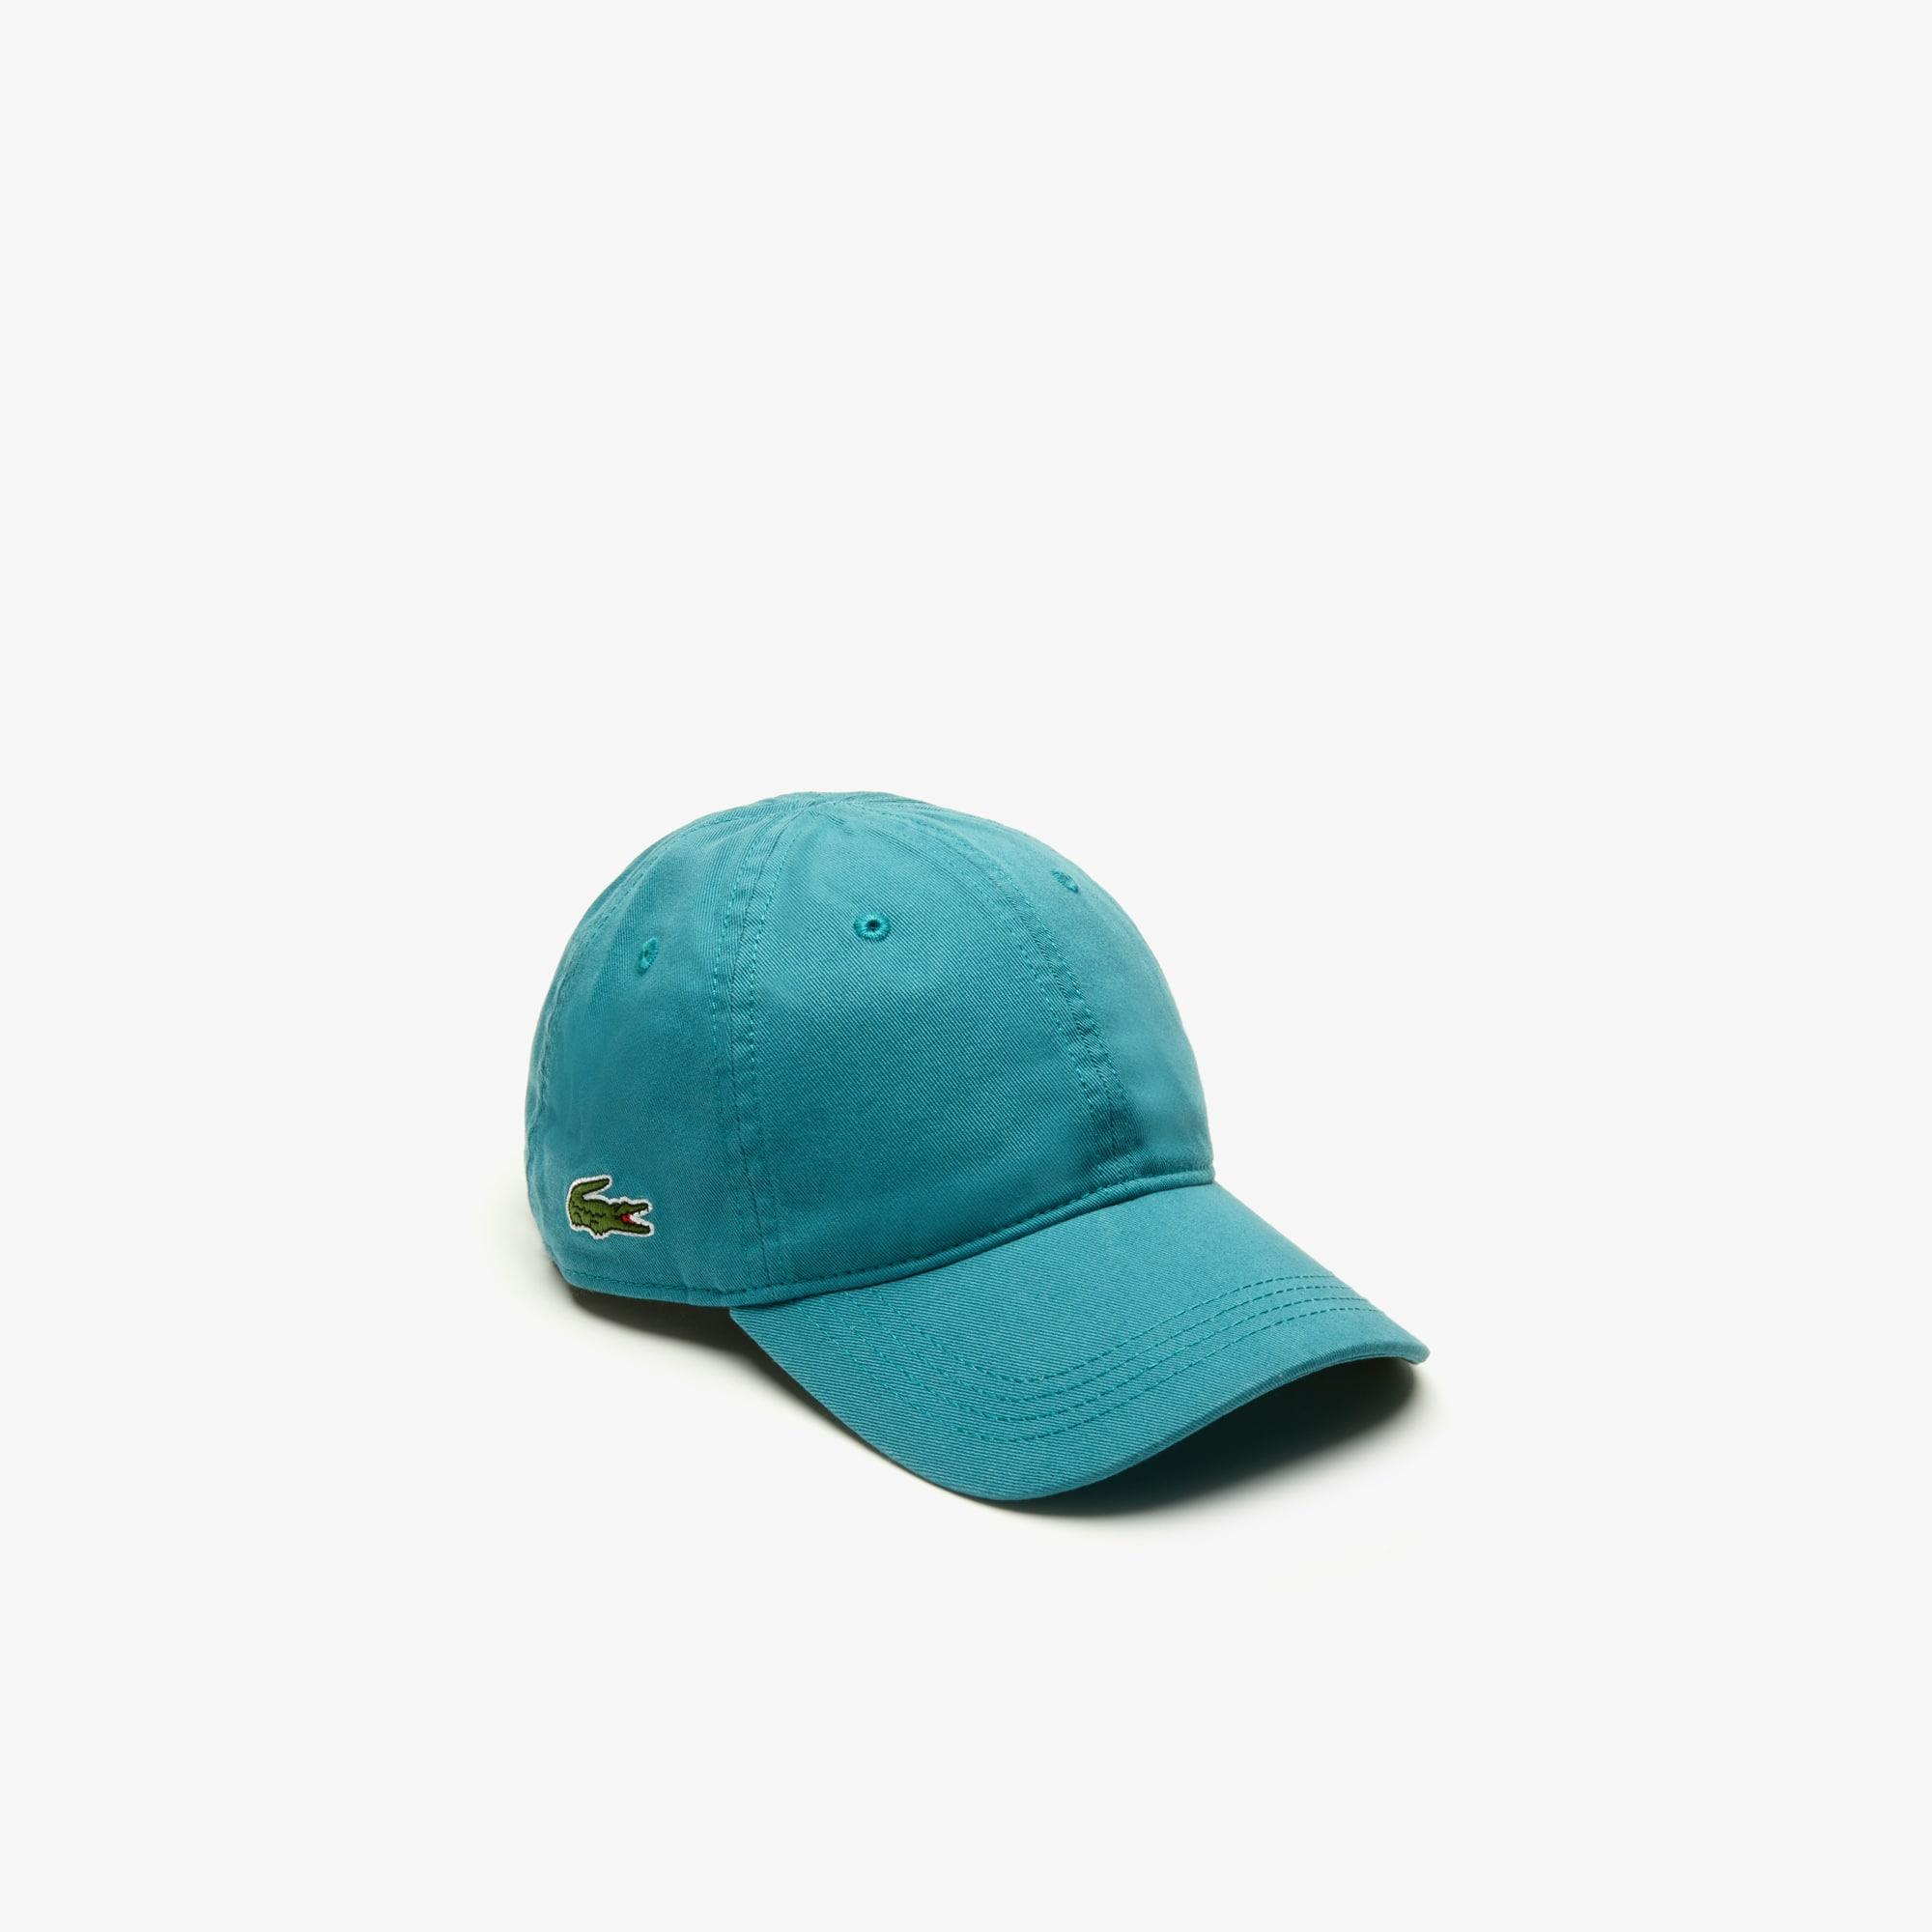 Berretti e cappelli da uomo  9dd82364ae90